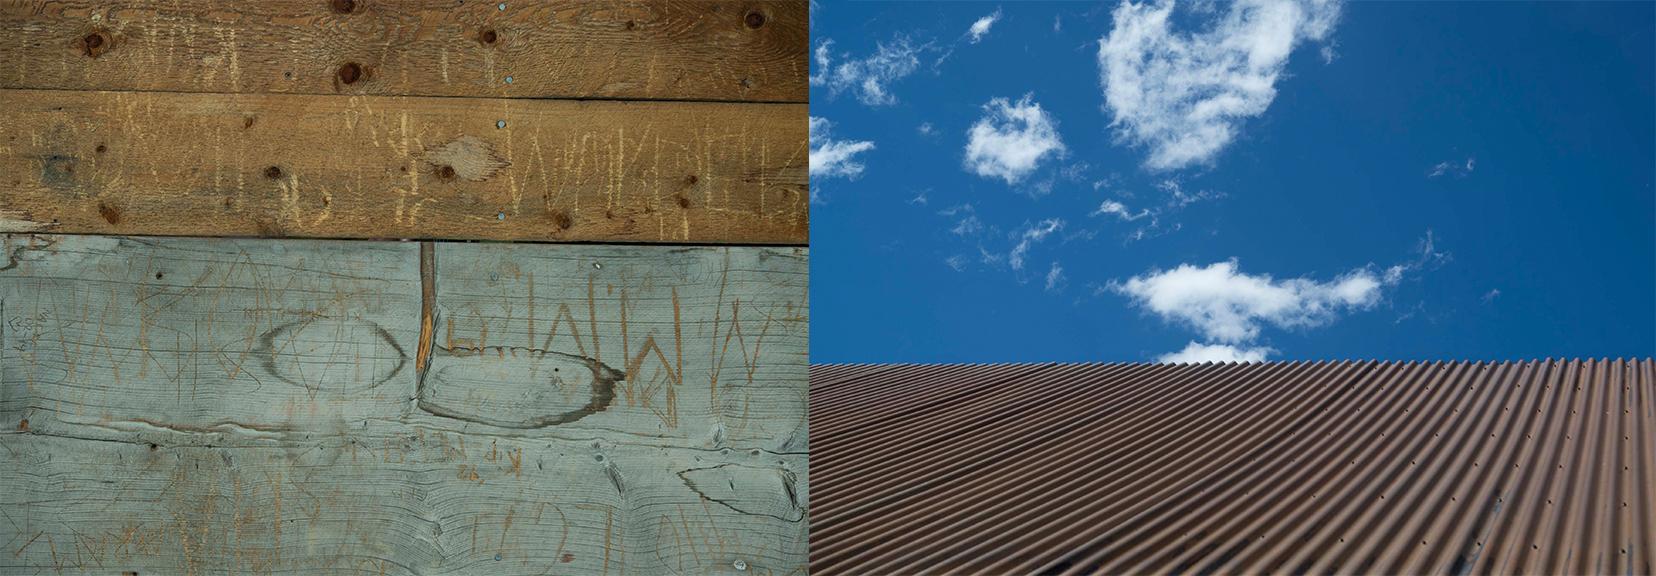 Graffiti-Clouds.jpg